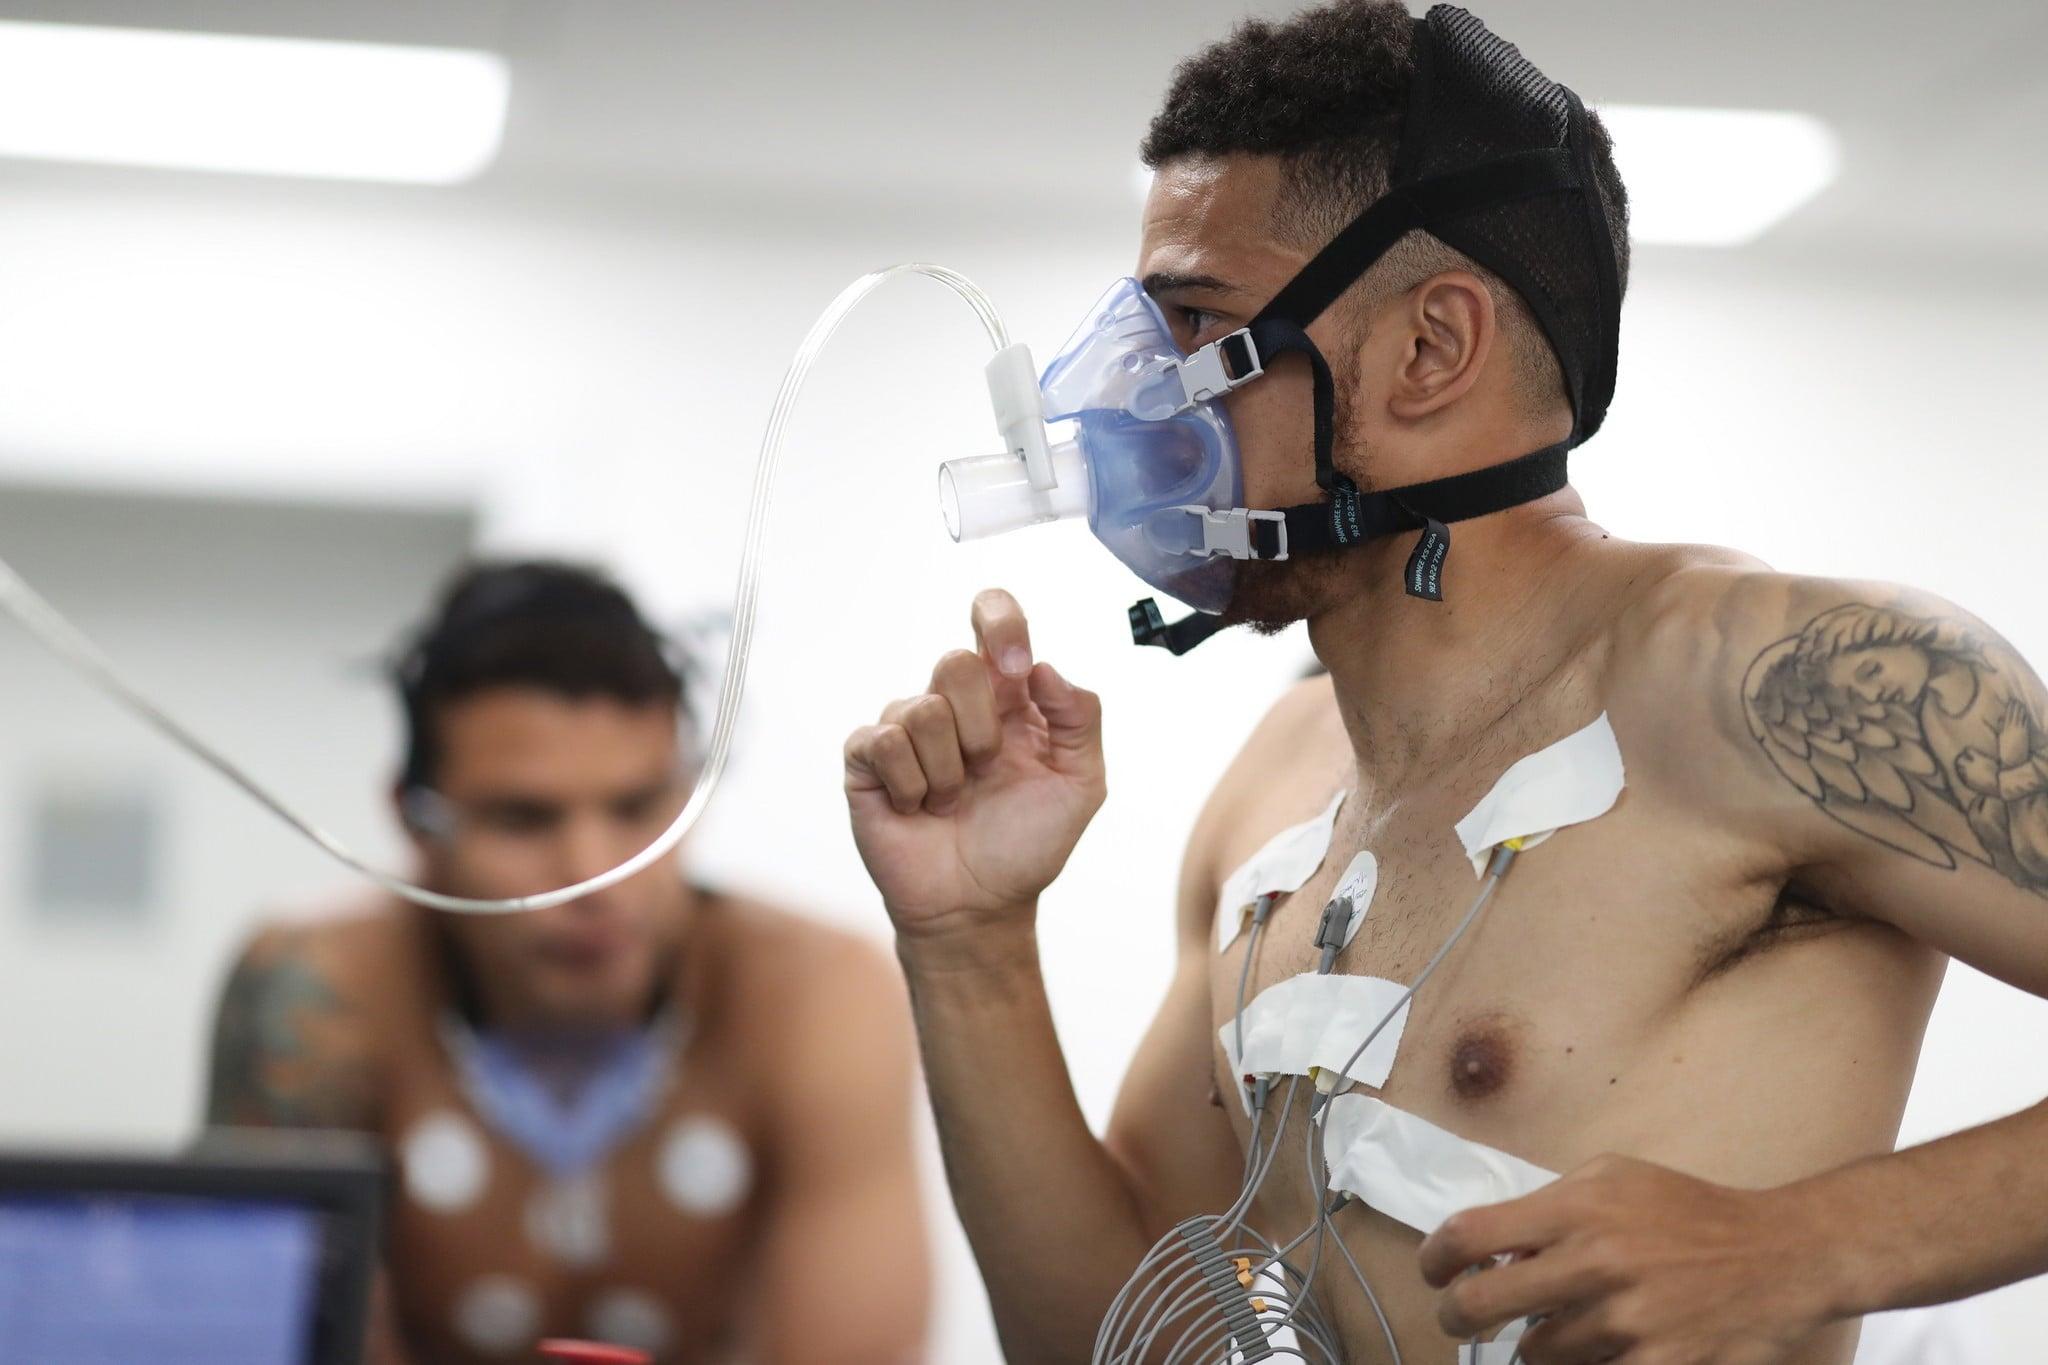 Brazylia: zawodnicy drużyny narodowej przygotowują się do Mundialu, fot: Lucas Figueiredo, PAP/EPA